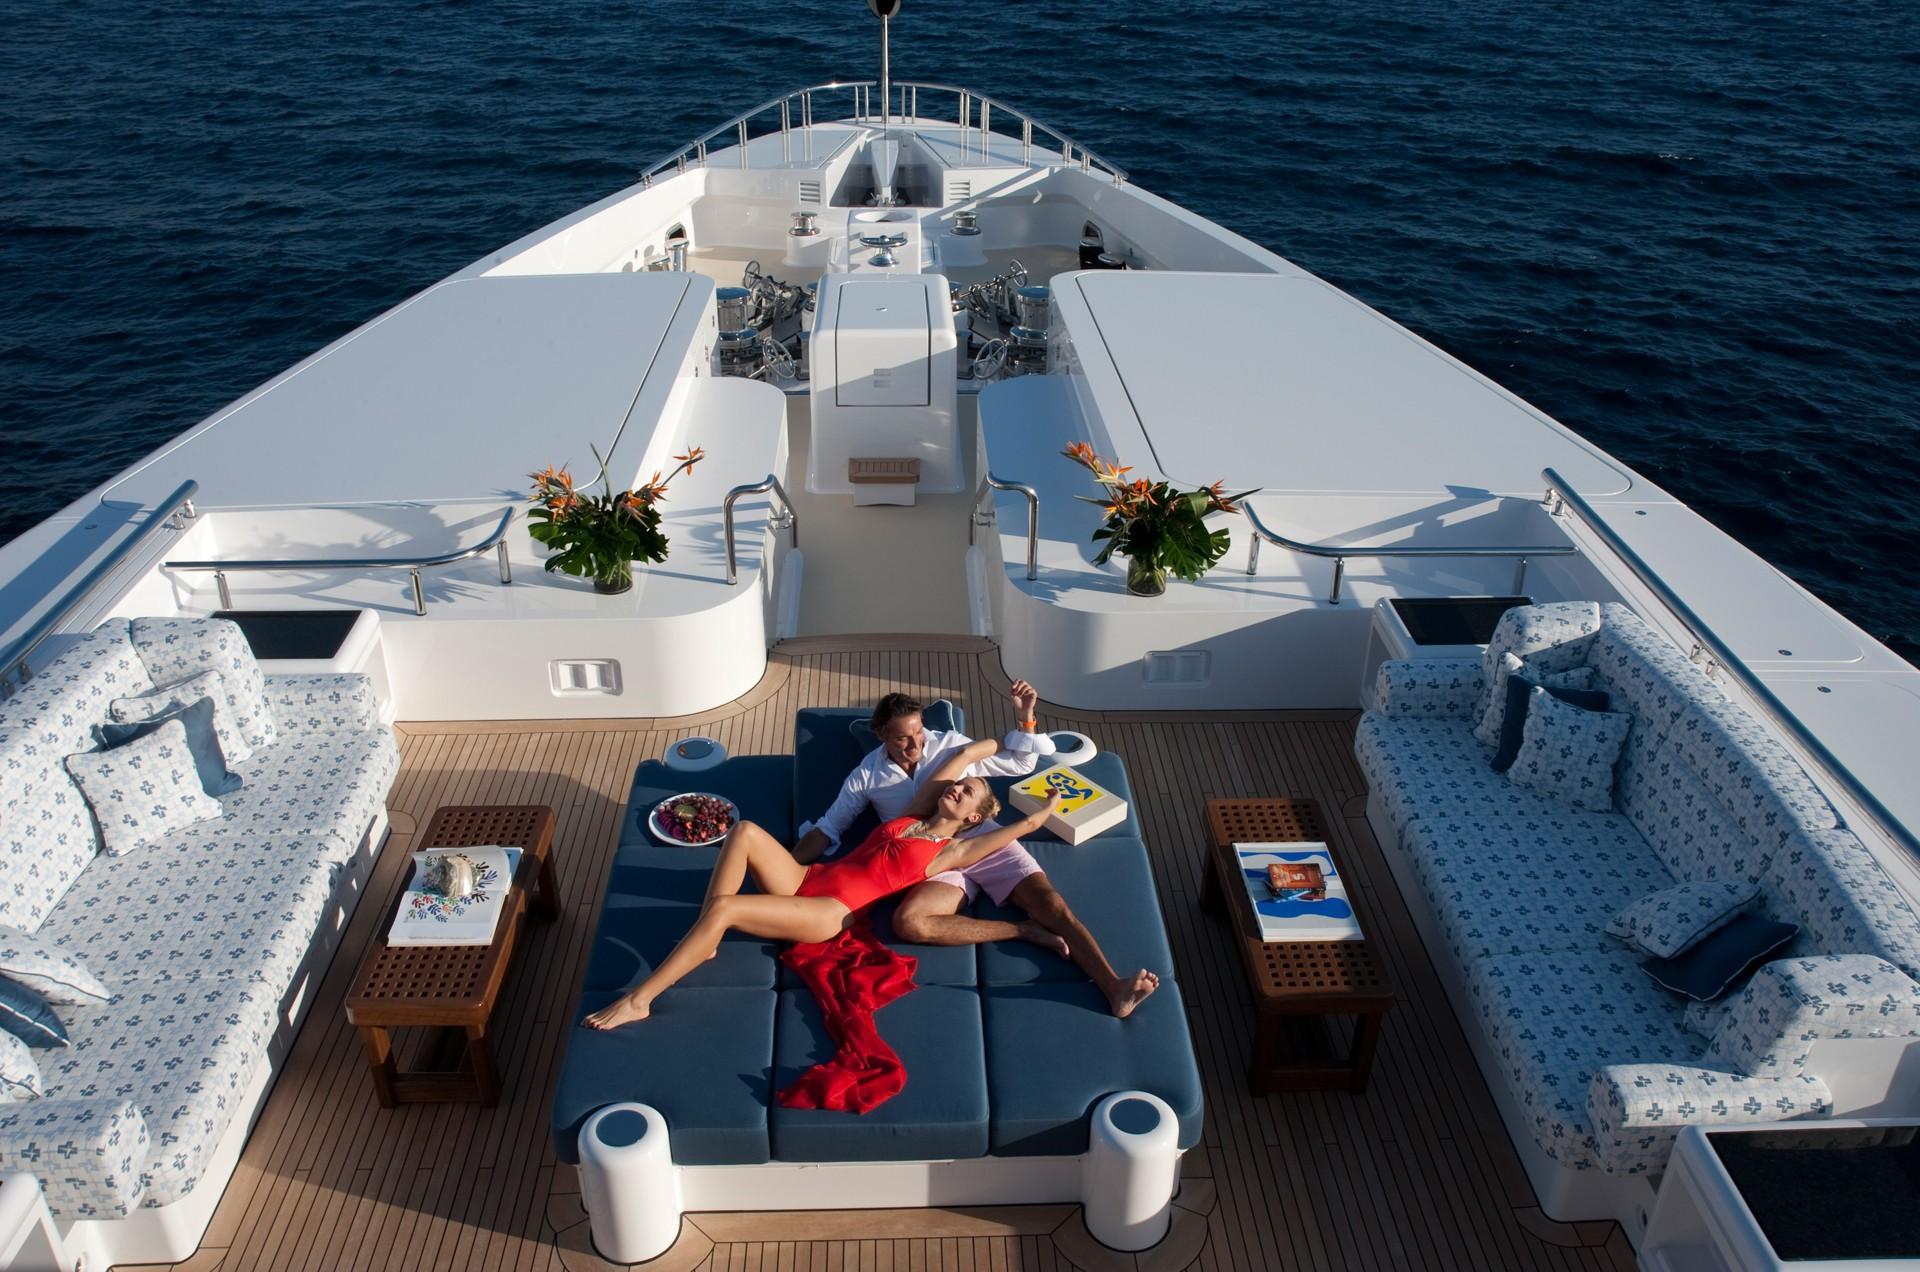 Relaxing Aboard